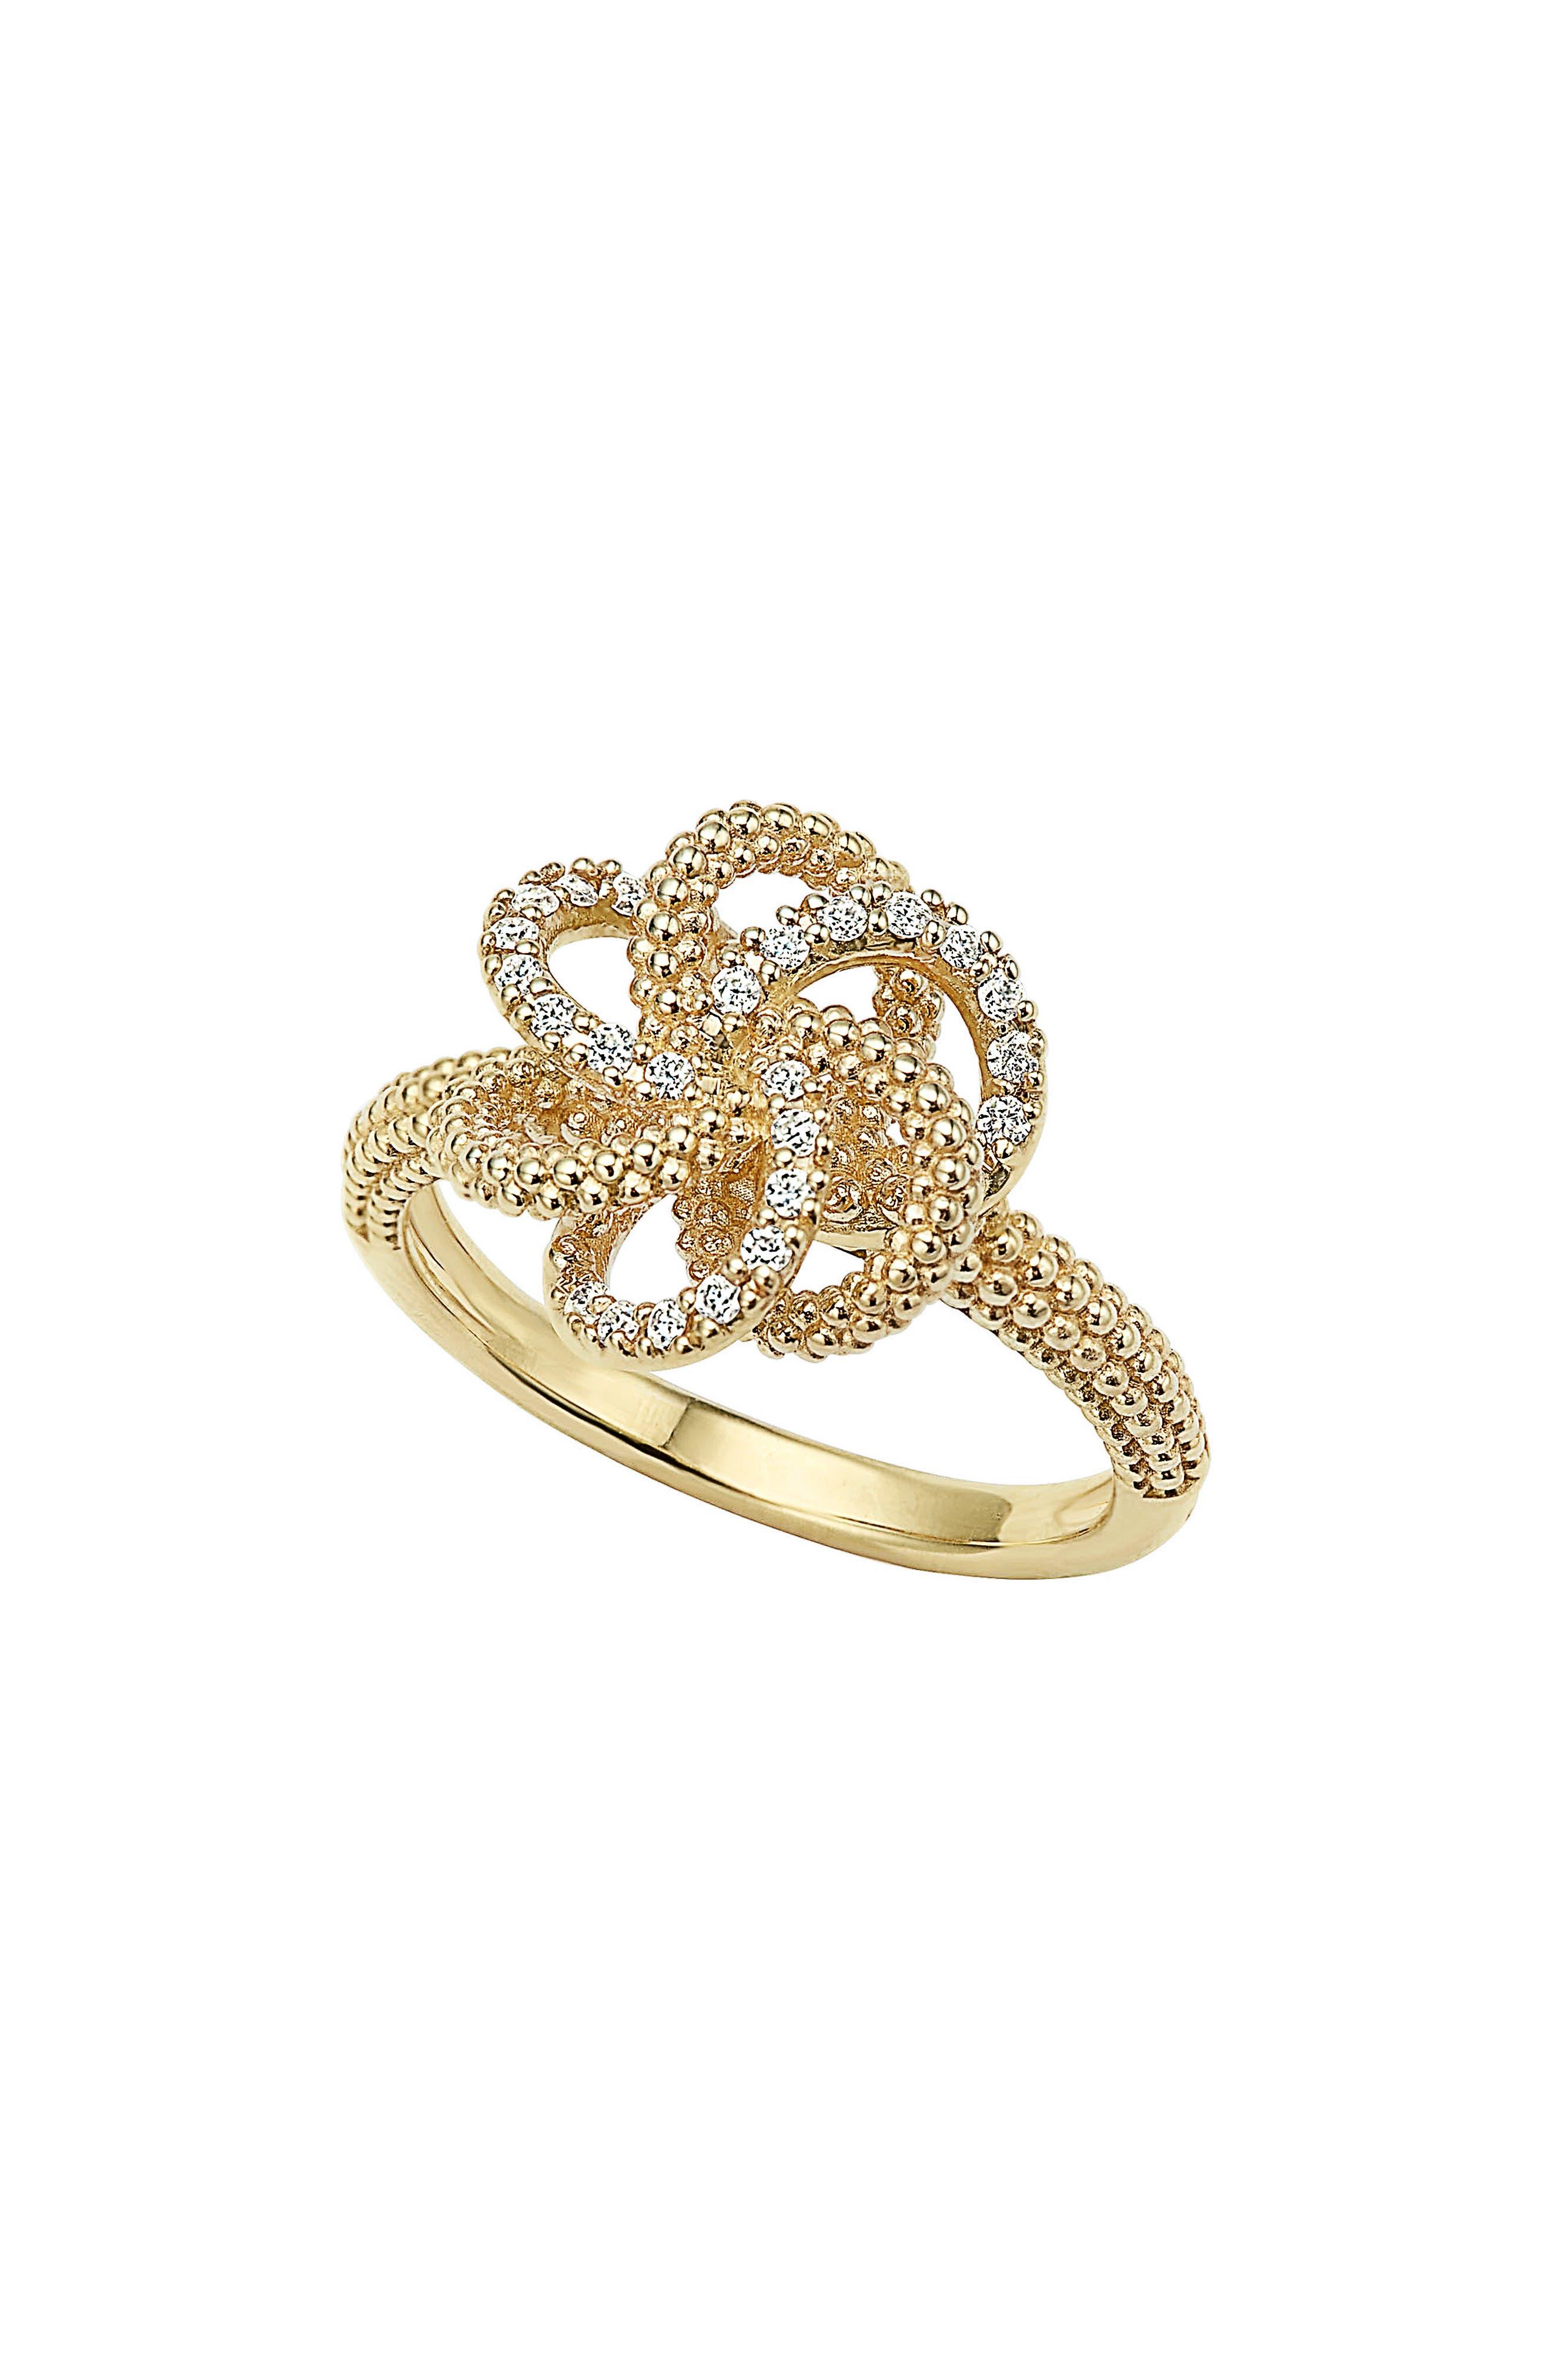 Main Image - LAGOS 'Love Knot' Diamond Ring